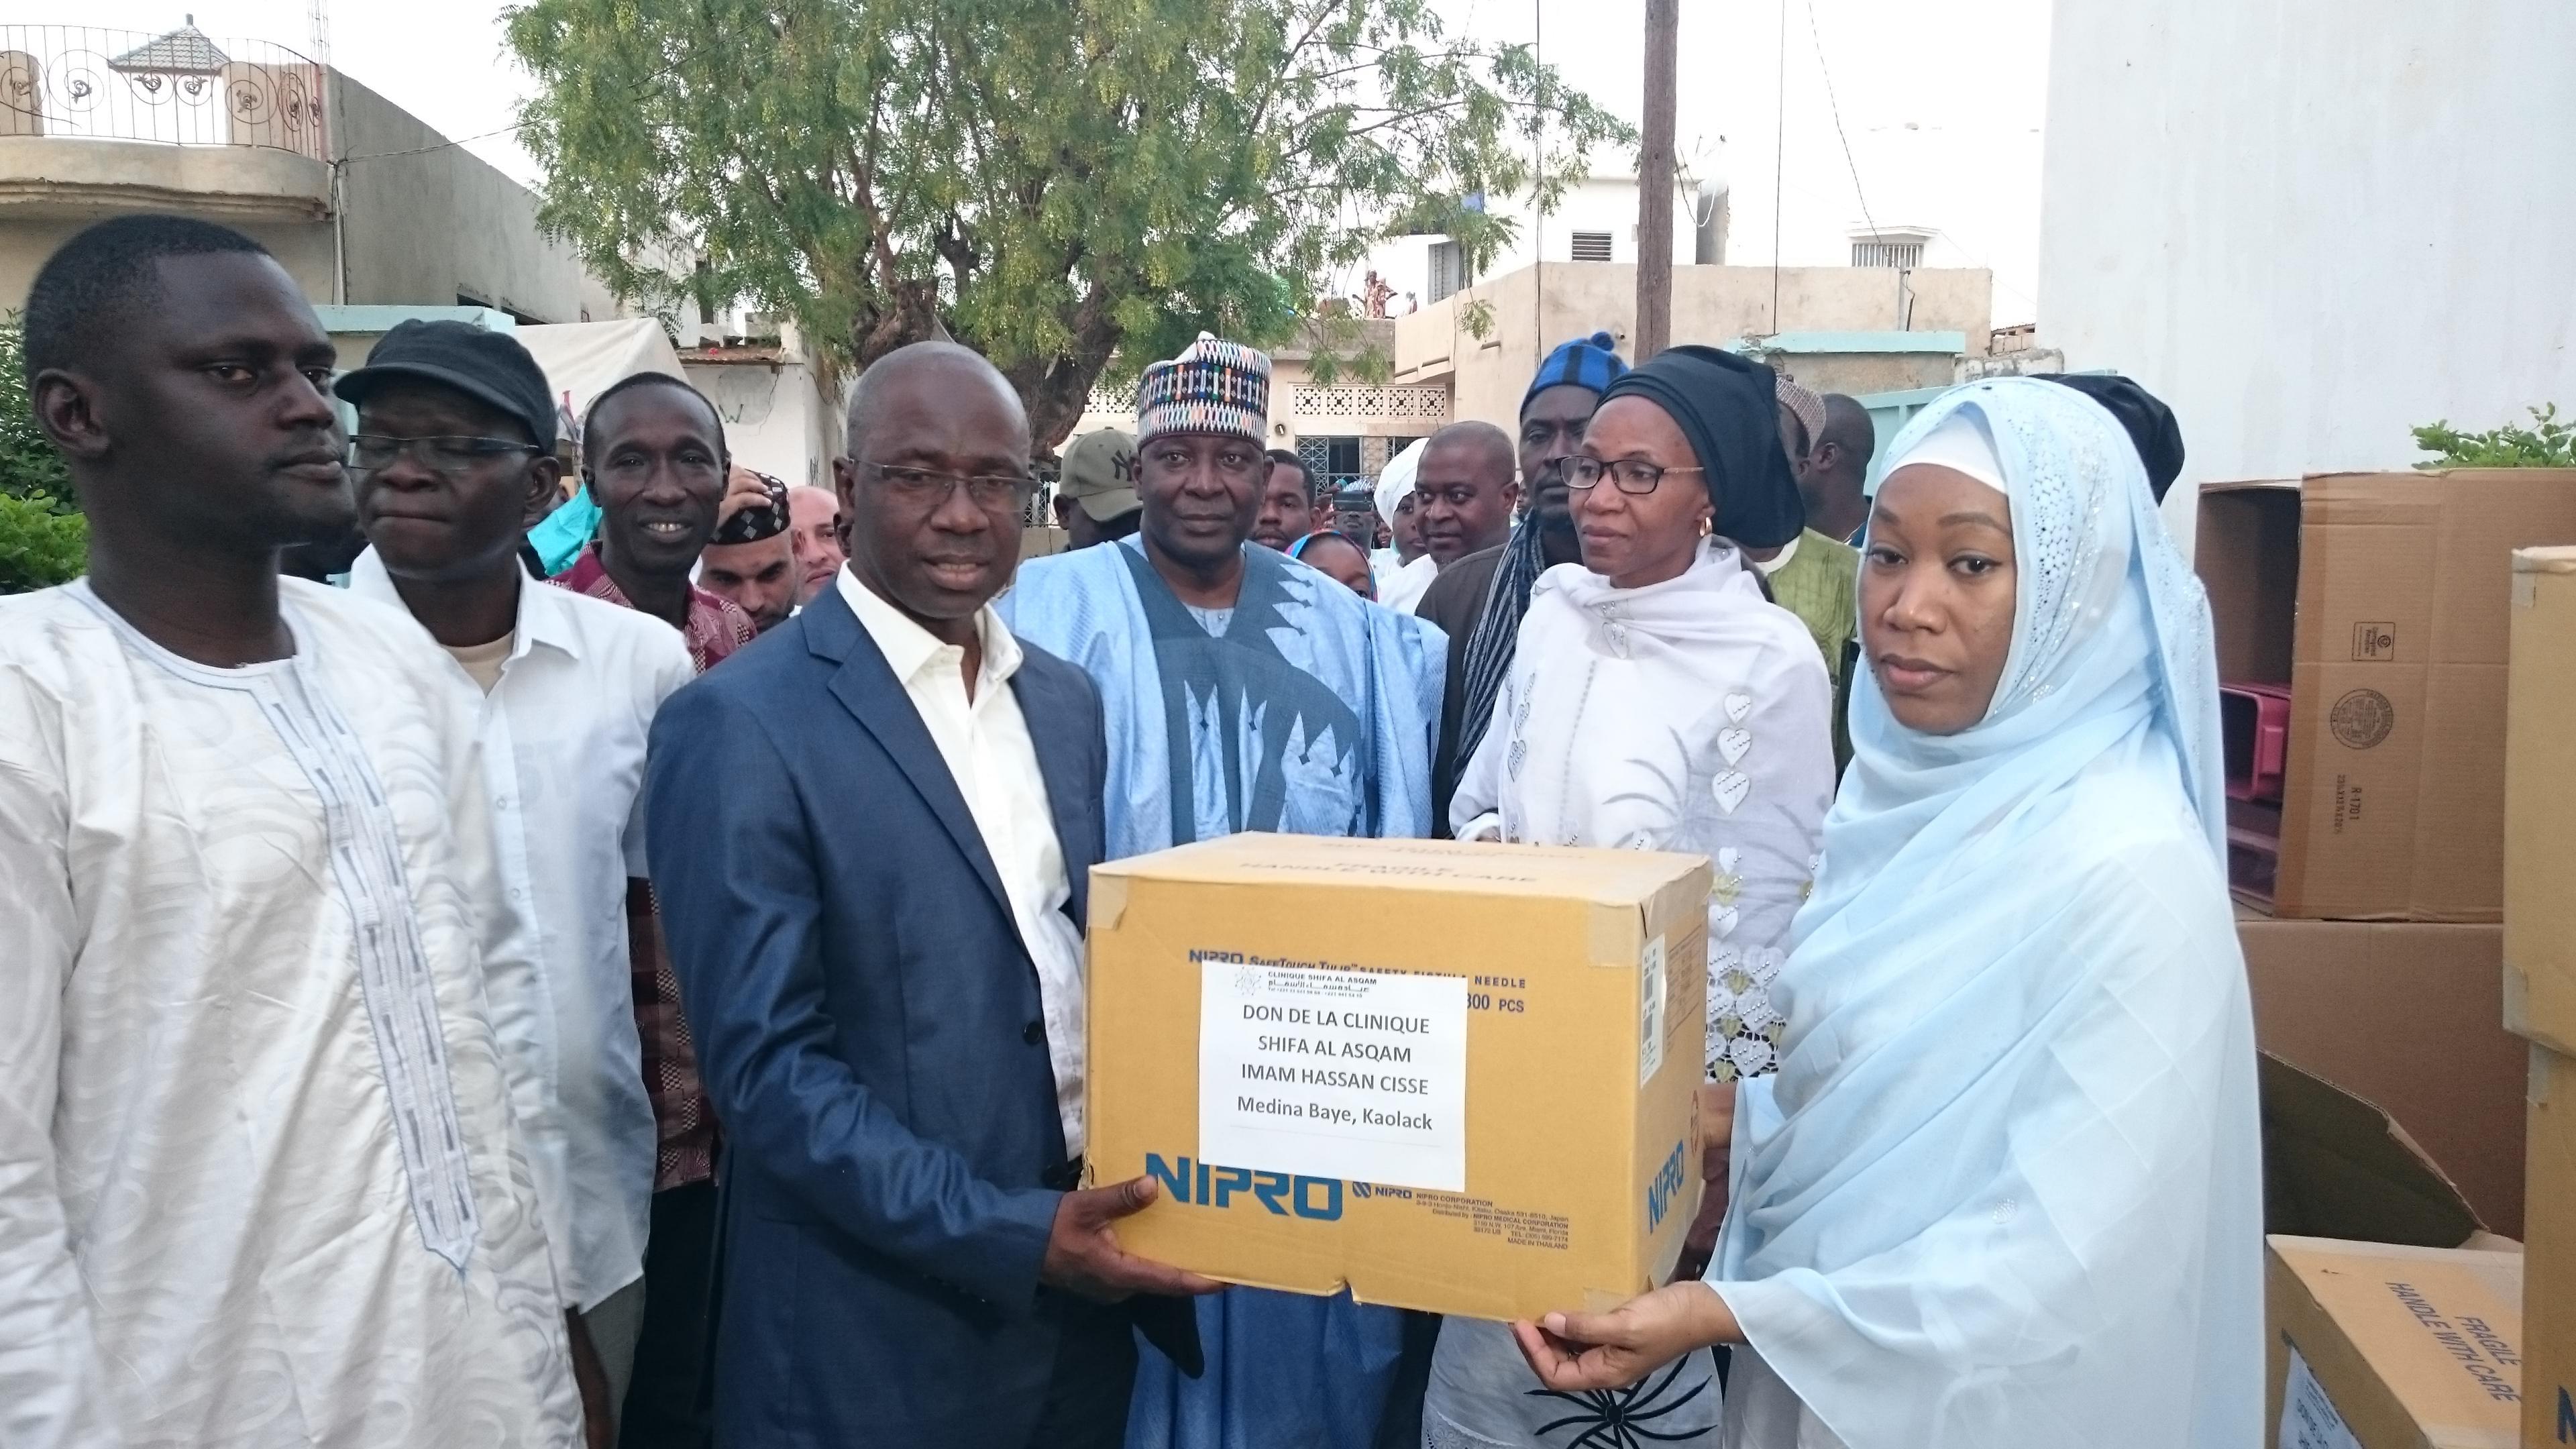 Kaolack : L'institut Islamique Africain-Américain et la clinique de l'imam Cheikh Hassan Cissé offrent du matériel médical à l'hôpital régional El Hadj Ibrahima Niass